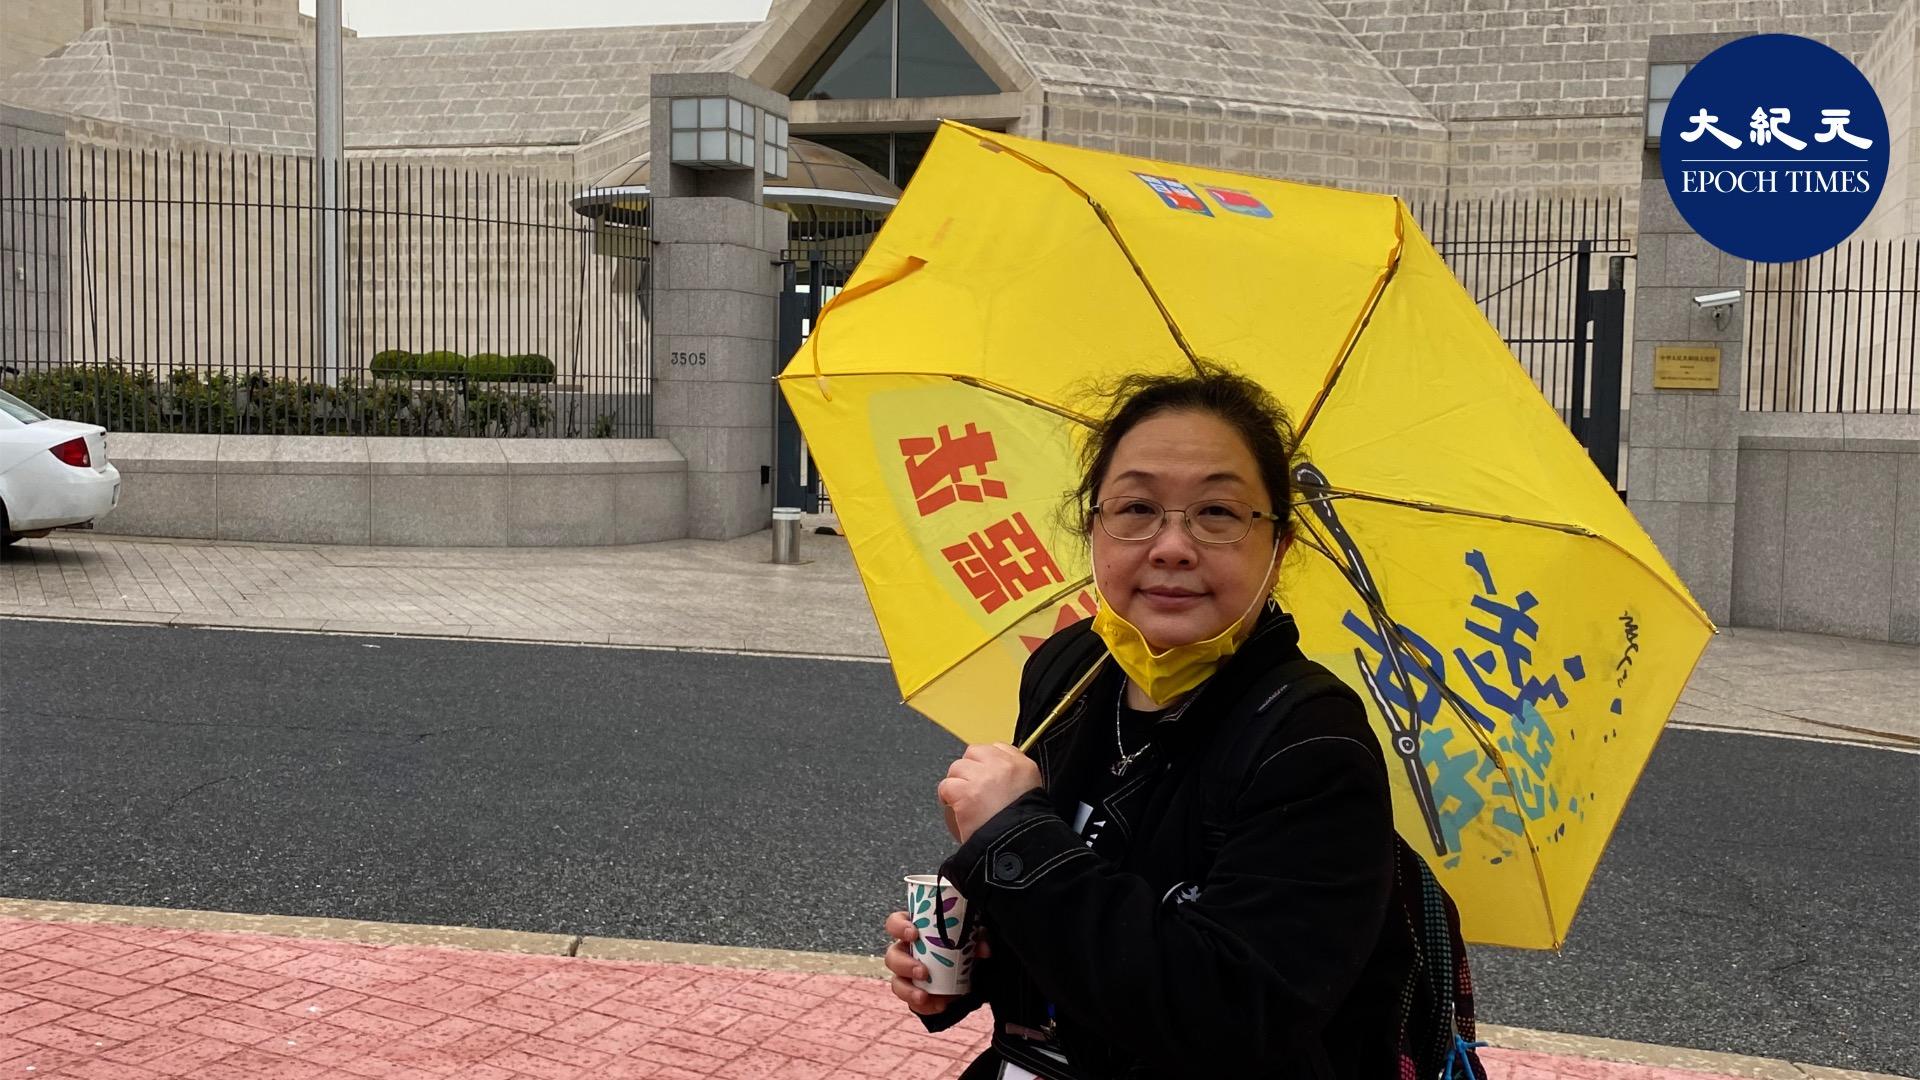 4月24日,紐約曼哈頓維爾學院(Manhattanville College)的生物學教授、「紐約香港關注組」(NY4HK)創辦人杨锦霞於華盛頓DC中共大使館前 (吳芮芮/大紀元)